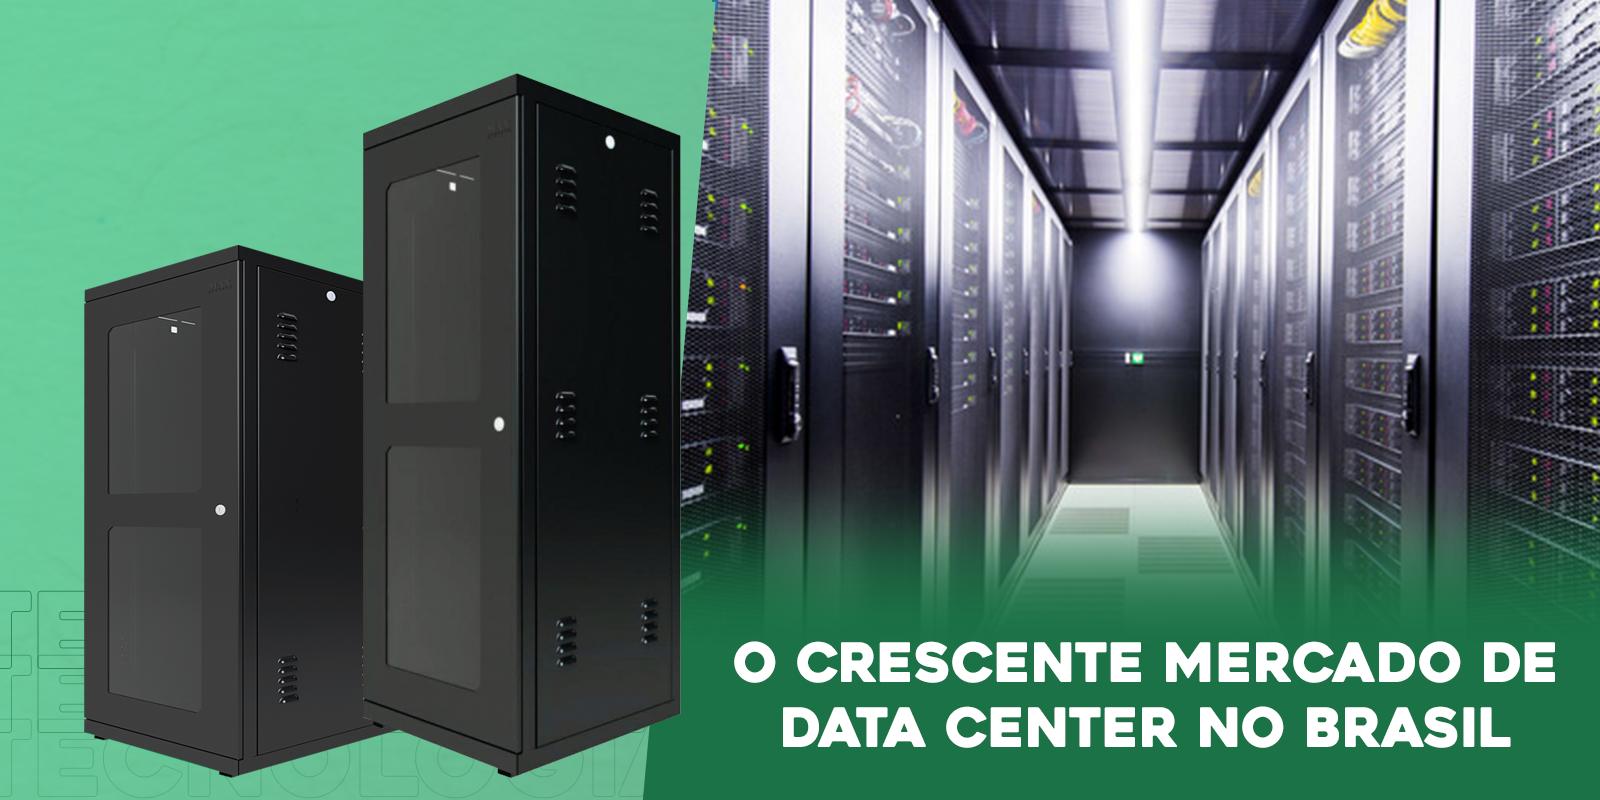 O crescente mercado de Data Center no Brasil